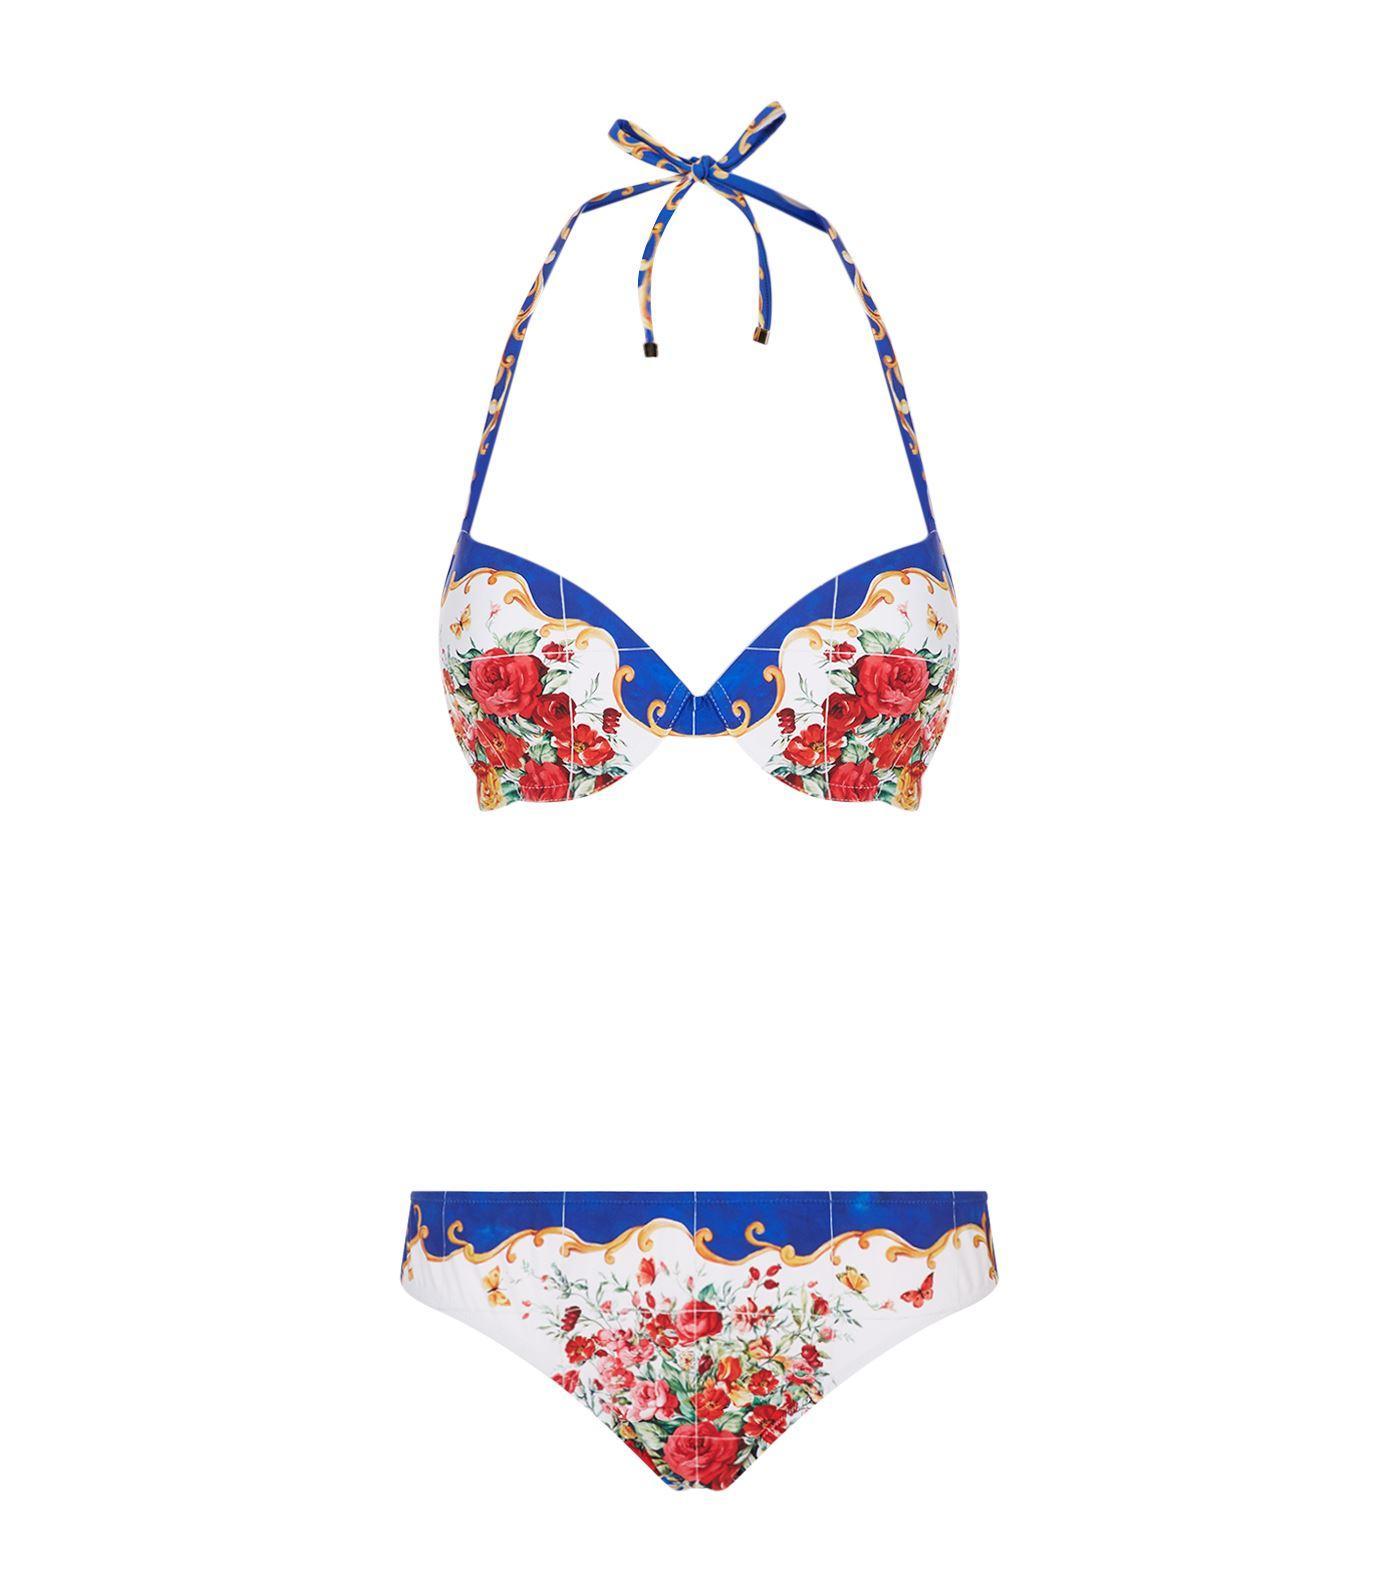 Dolce & Gabbana Catagirone Padded Bikini In Multi